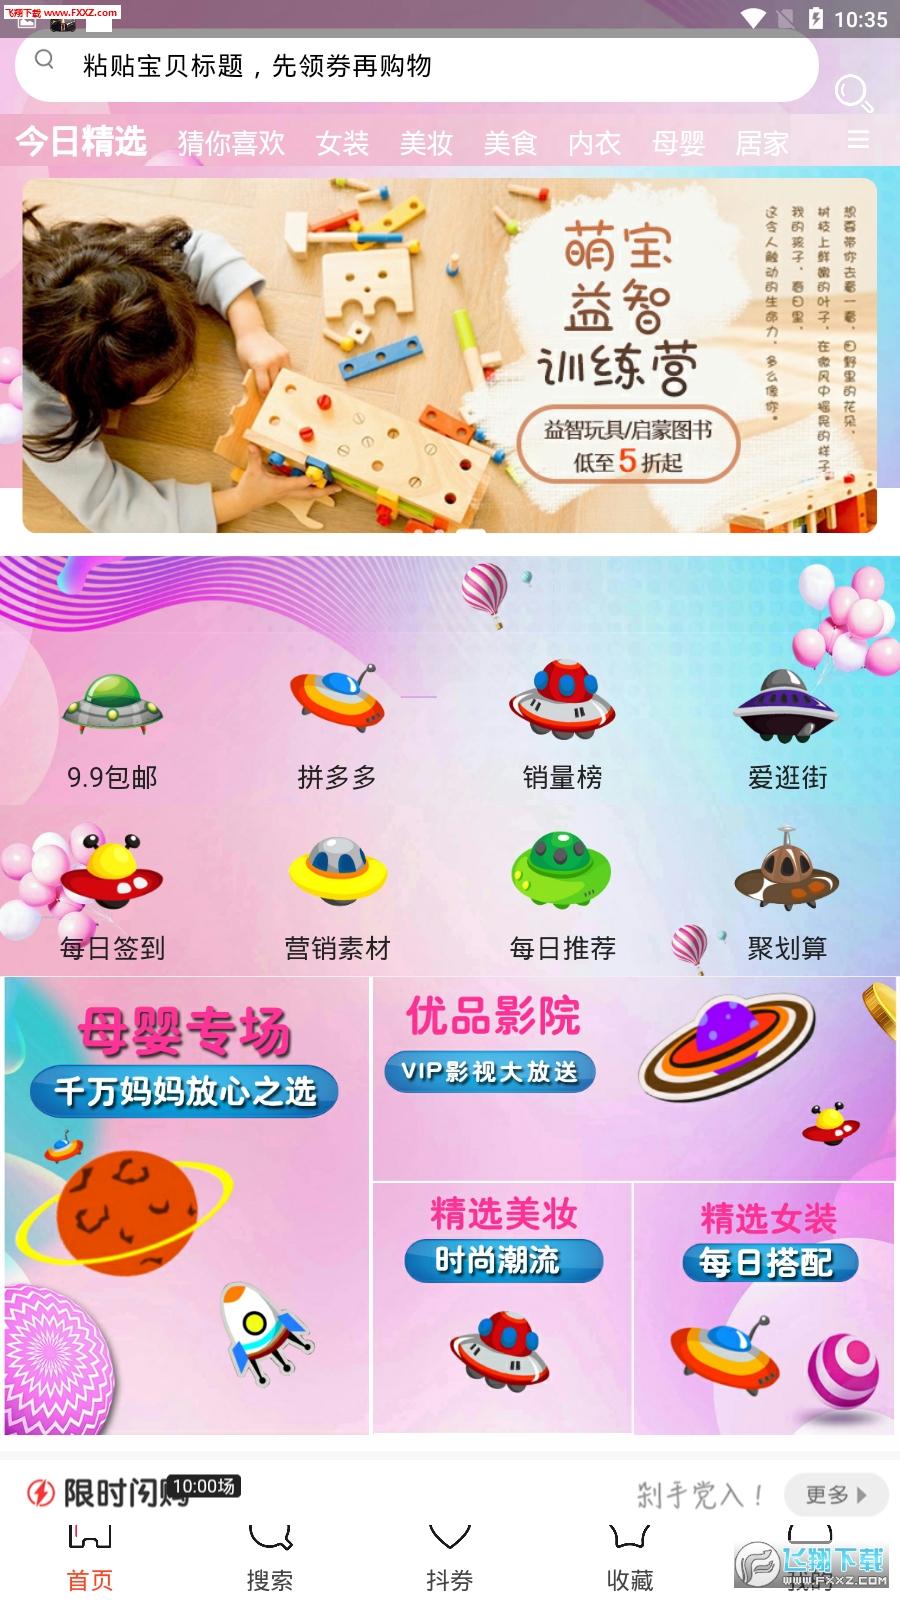 优品快讯appv4.0.26截图1